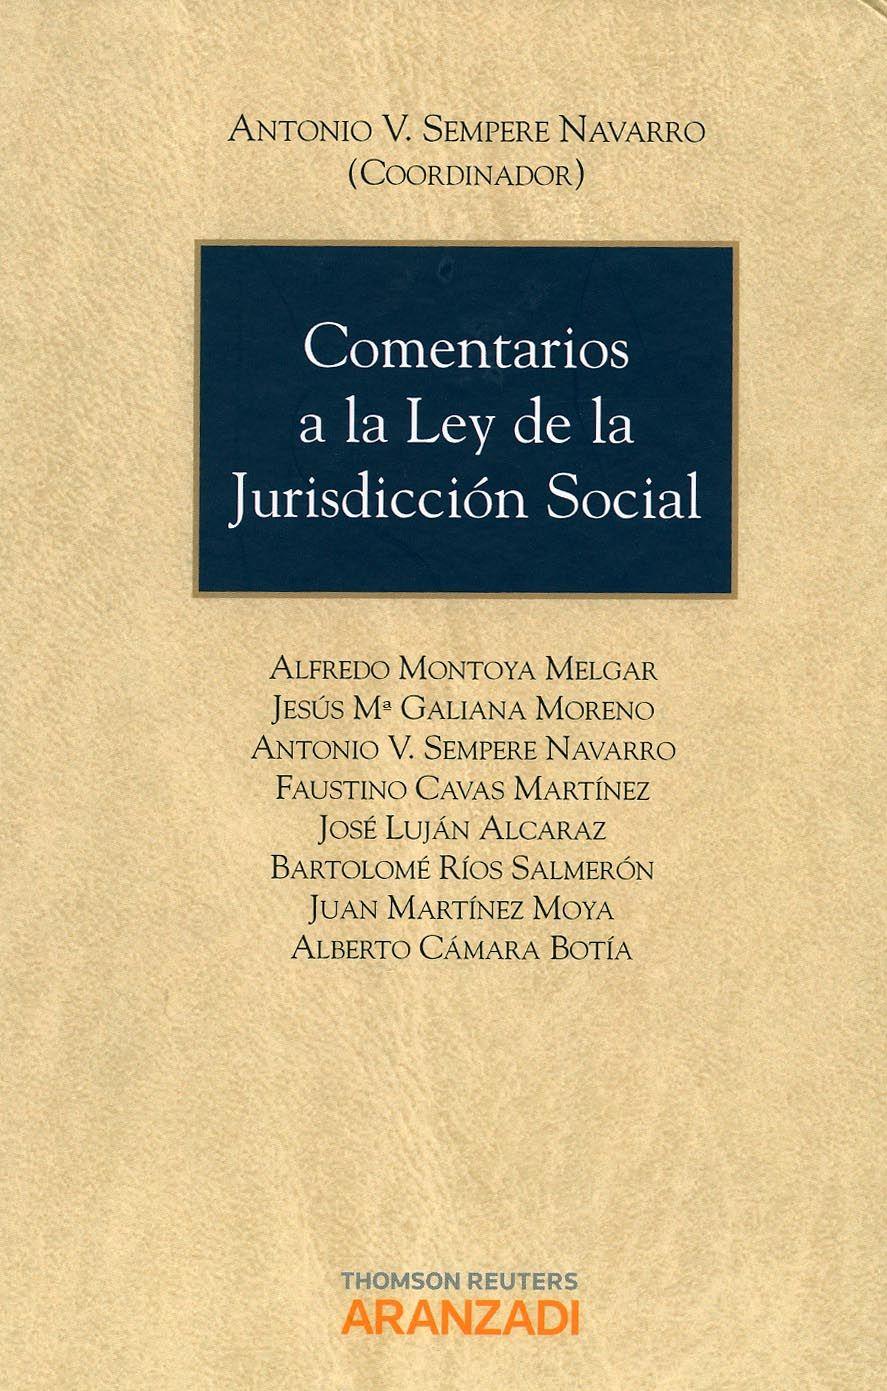 Comentarios a la Ley de la Jurisdicción Social / [Antonio V. Sempere Navarro (coordinador)] ; Alfredo Montoya Melgar...(et al.). - Cizur Menor (Navarra) : Aranzadi, 2013. - 3ª ed.